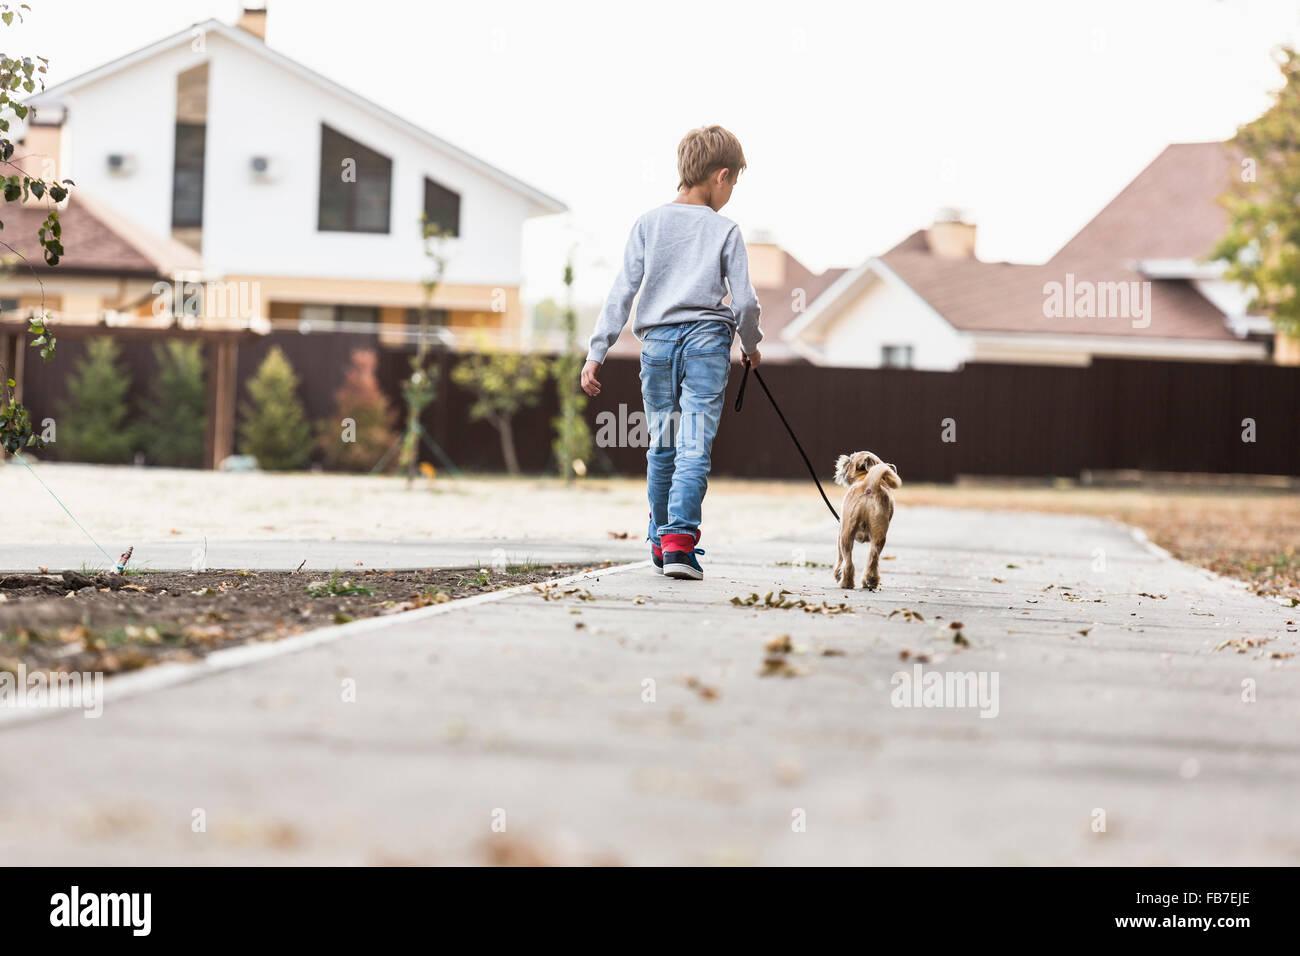 Vue arrière du garçon marche avec chien sur sentier Photo Stock